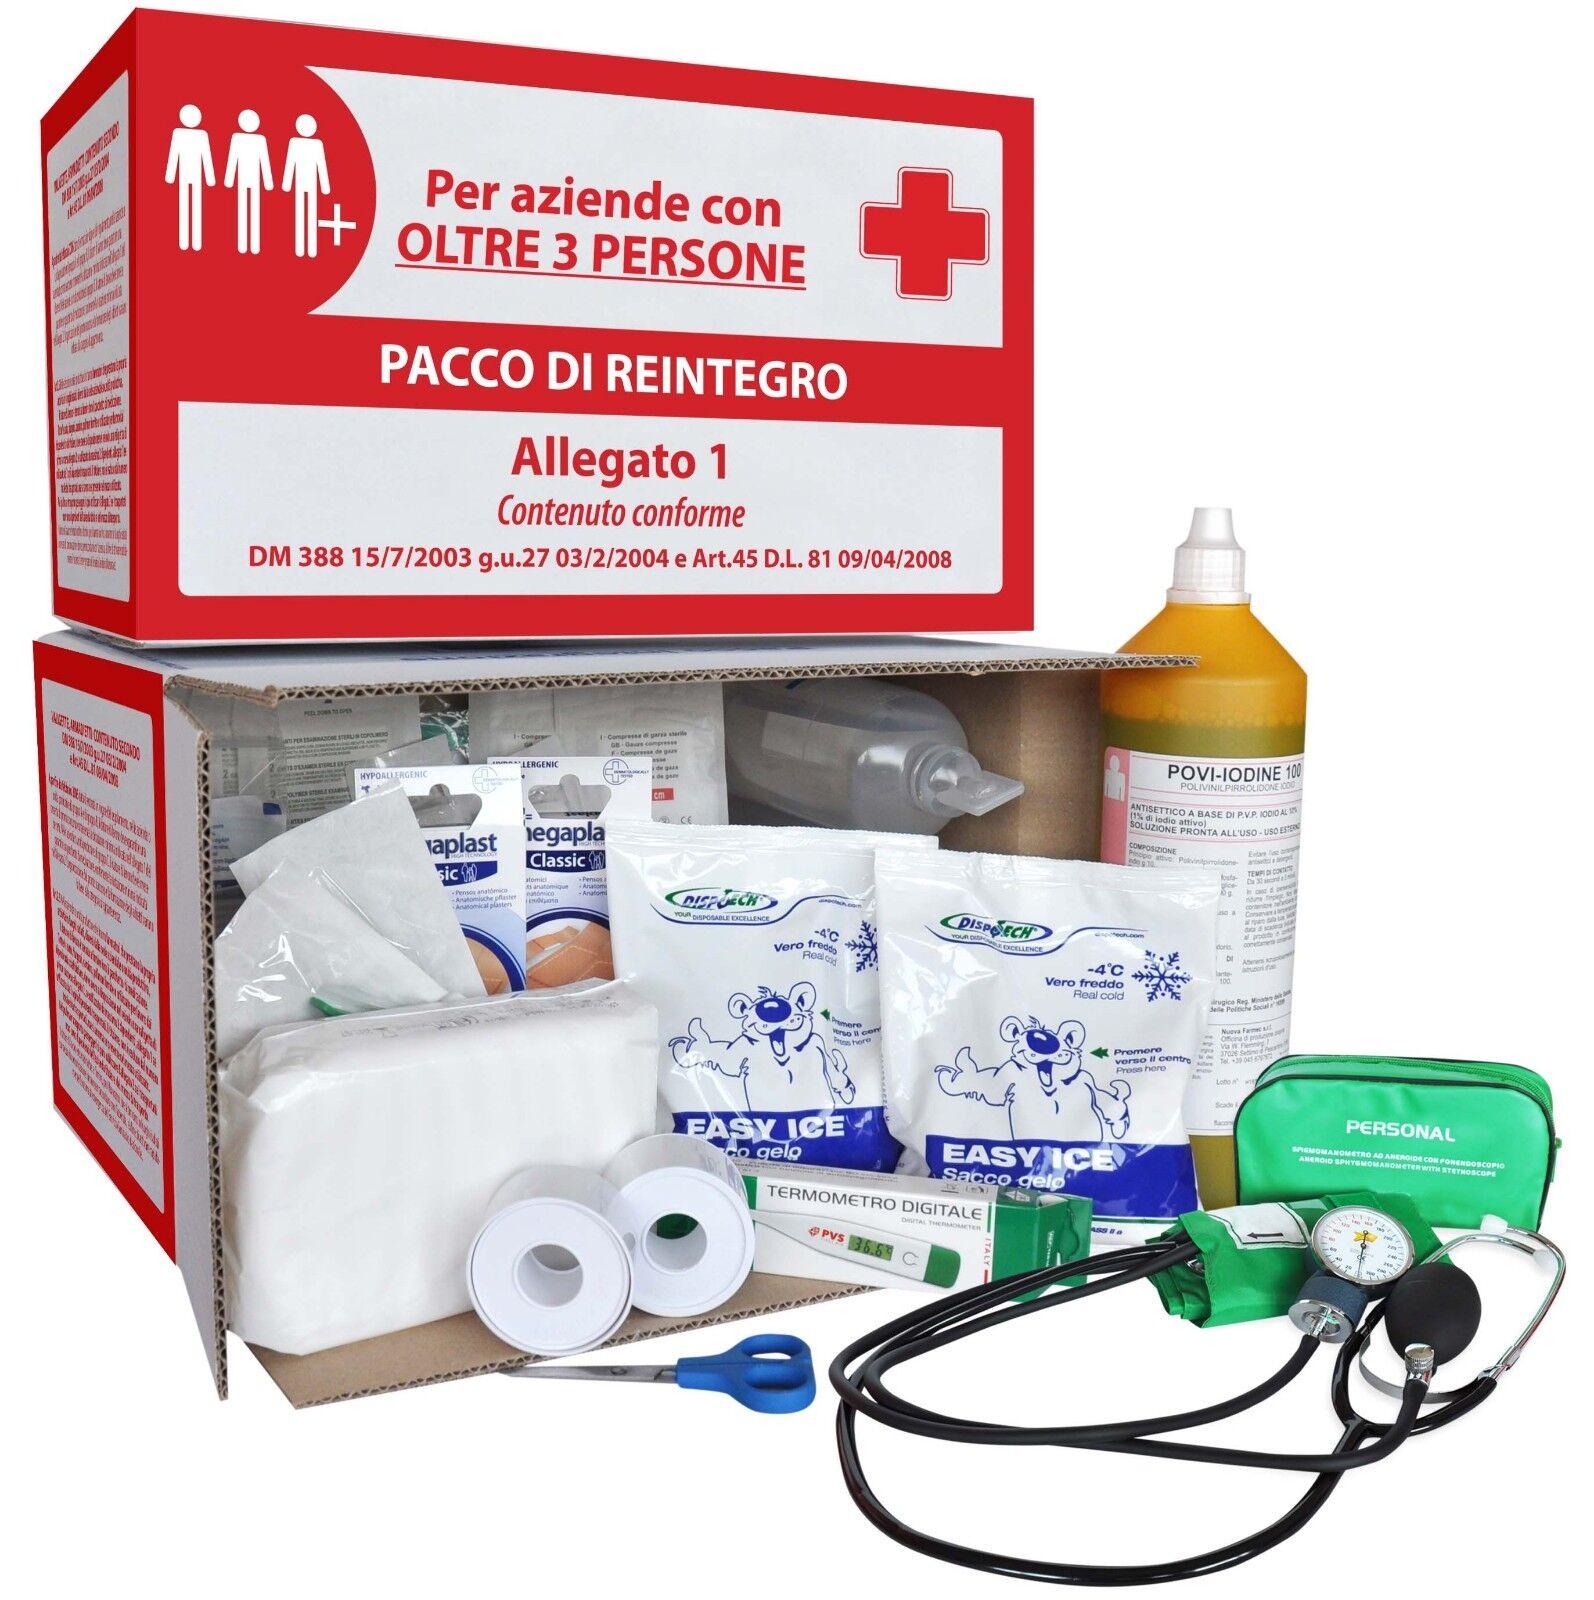 KIT REINTEGRO ALLEGATO 1 PER CASSETTA MEDICA PRONTO SOCCORSO + 3 DIP. C/SFIGMO